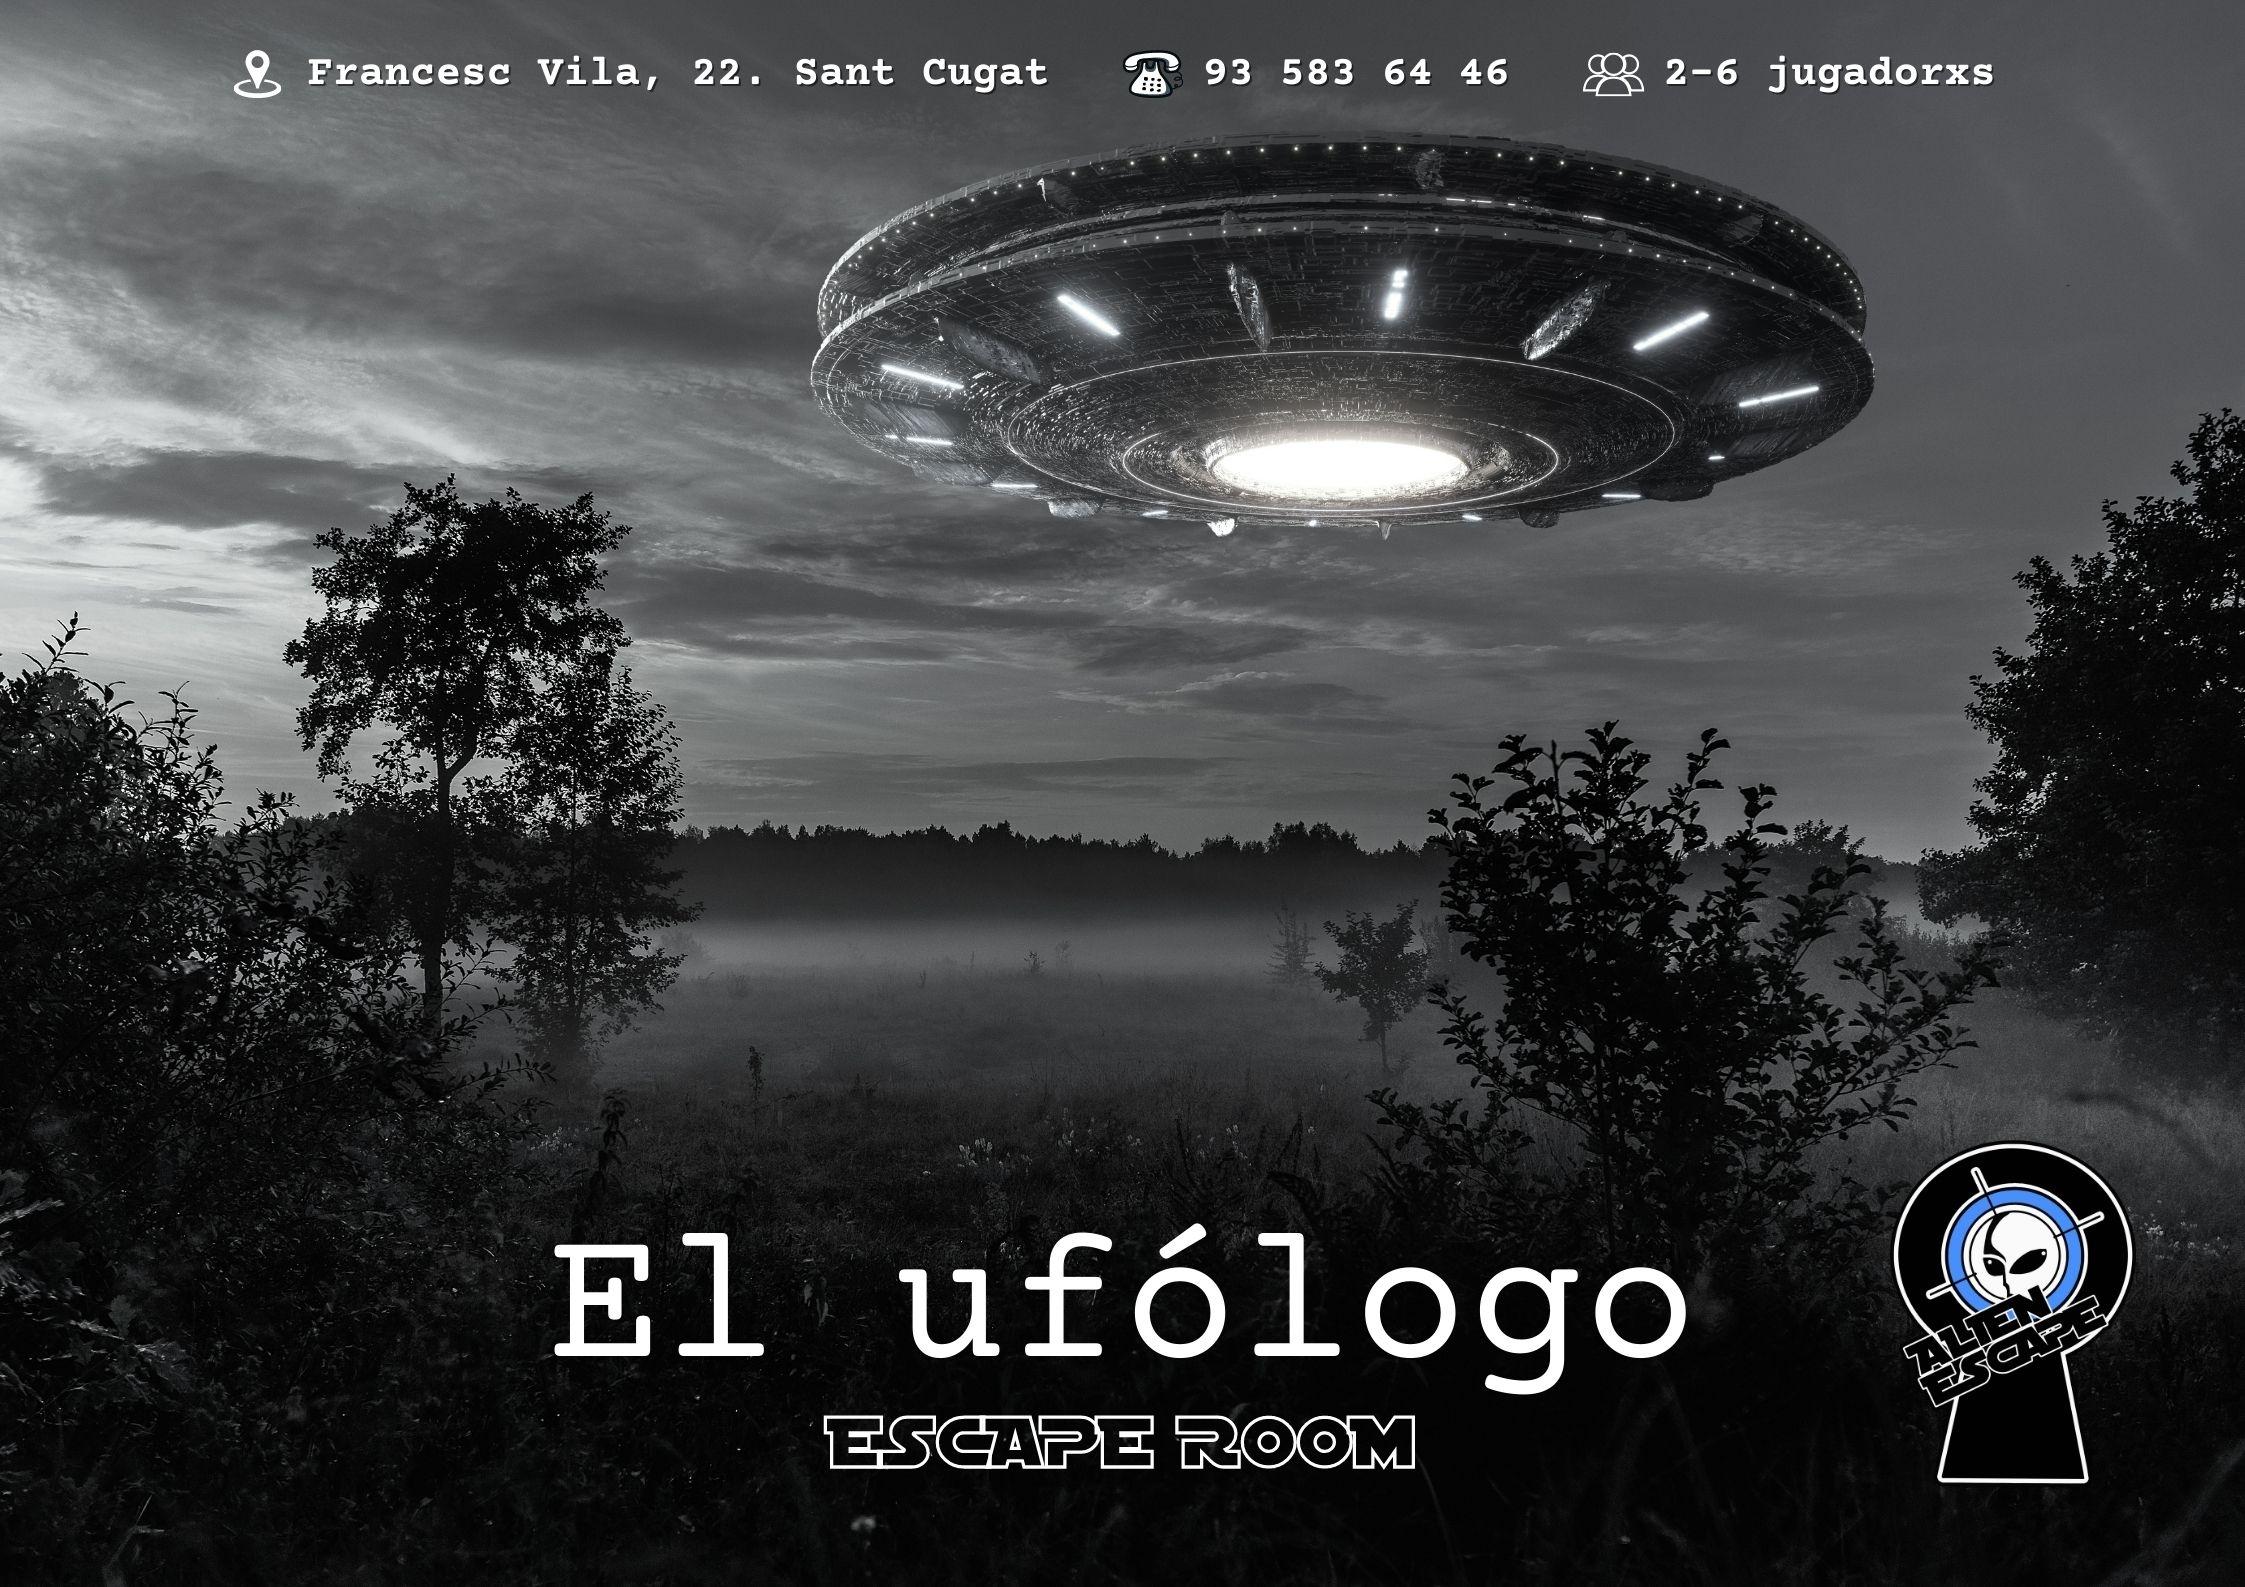 cartell El Ufologo